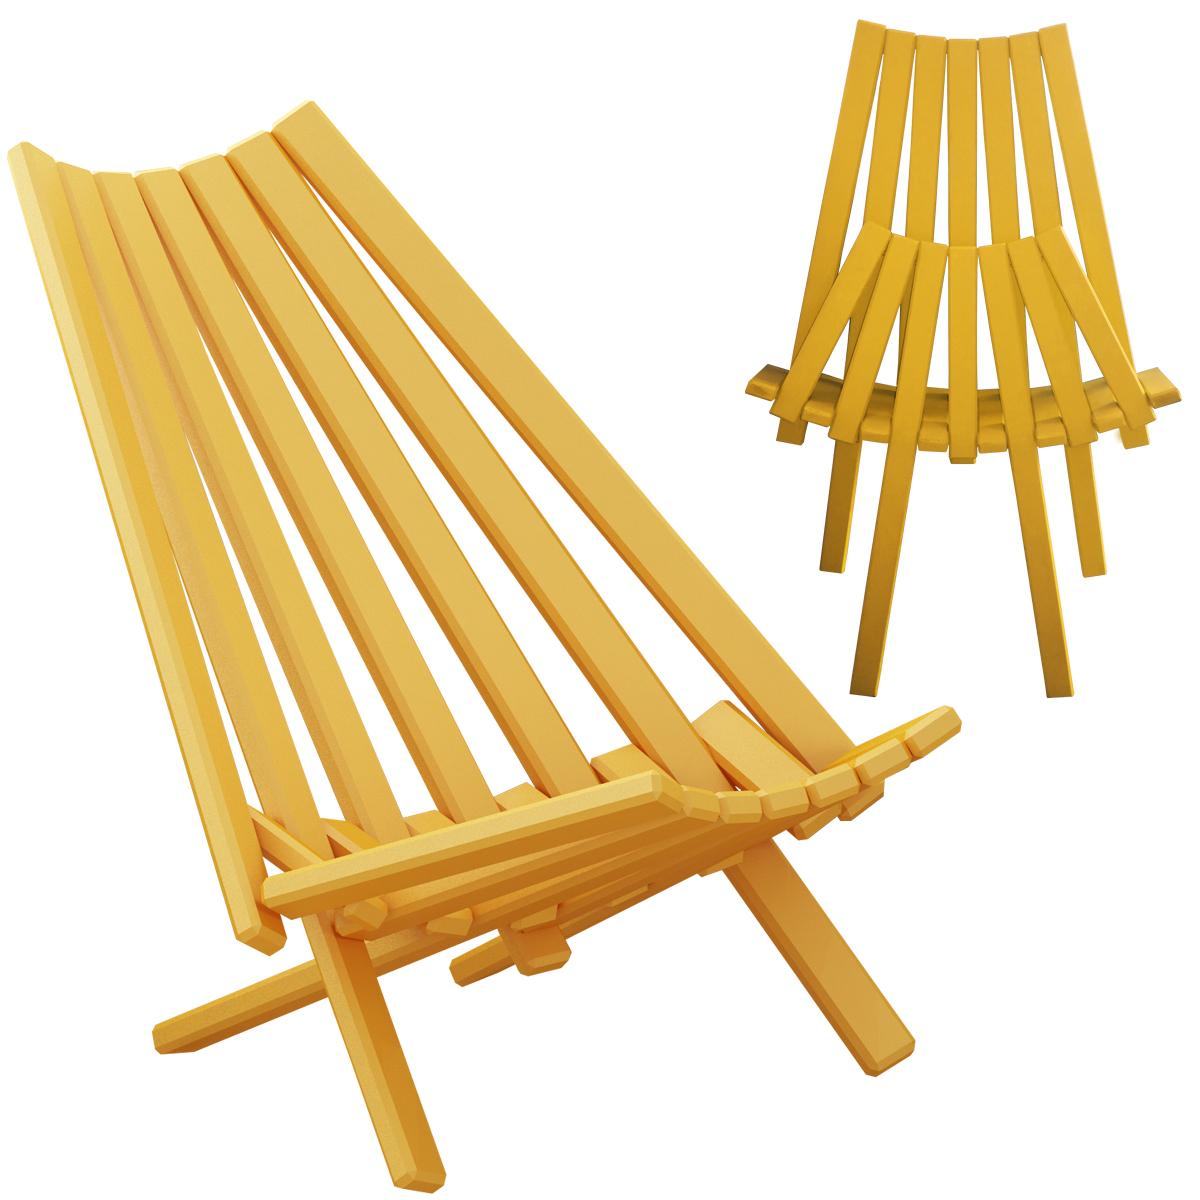 #B04E0A cadeira varanda dobravel ripada madeira cadeirapraia 1200x1200 px cadeira de balanço para varanda @ bernauer.info Móveis Antigos Novos E Usados Online